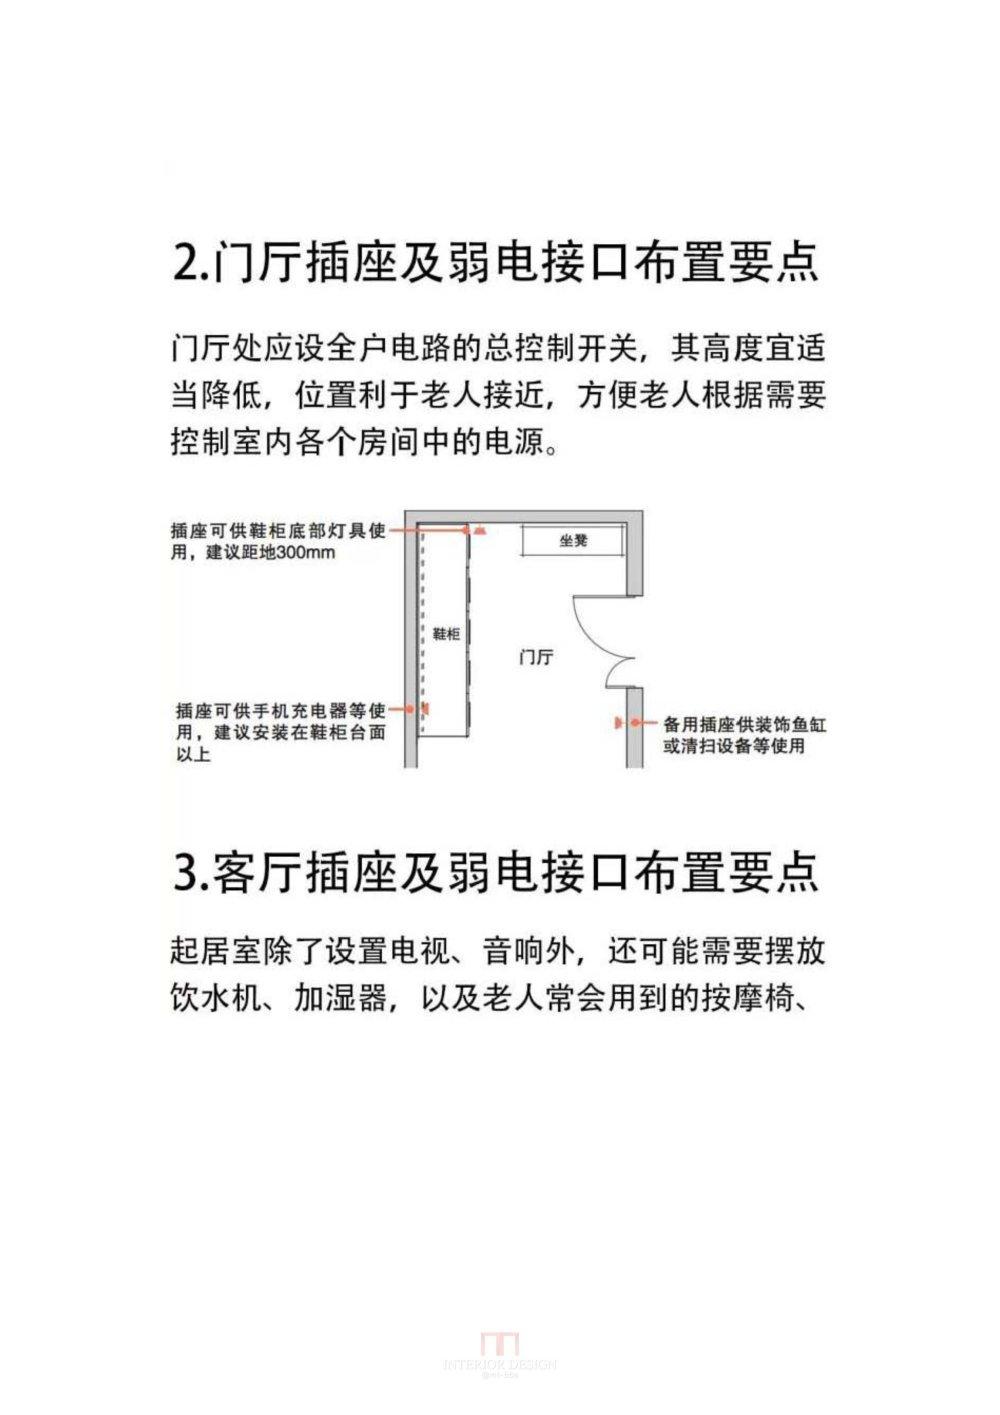 设计师必读:老年住宅中的细节设计(经典)_111 (14).jpg